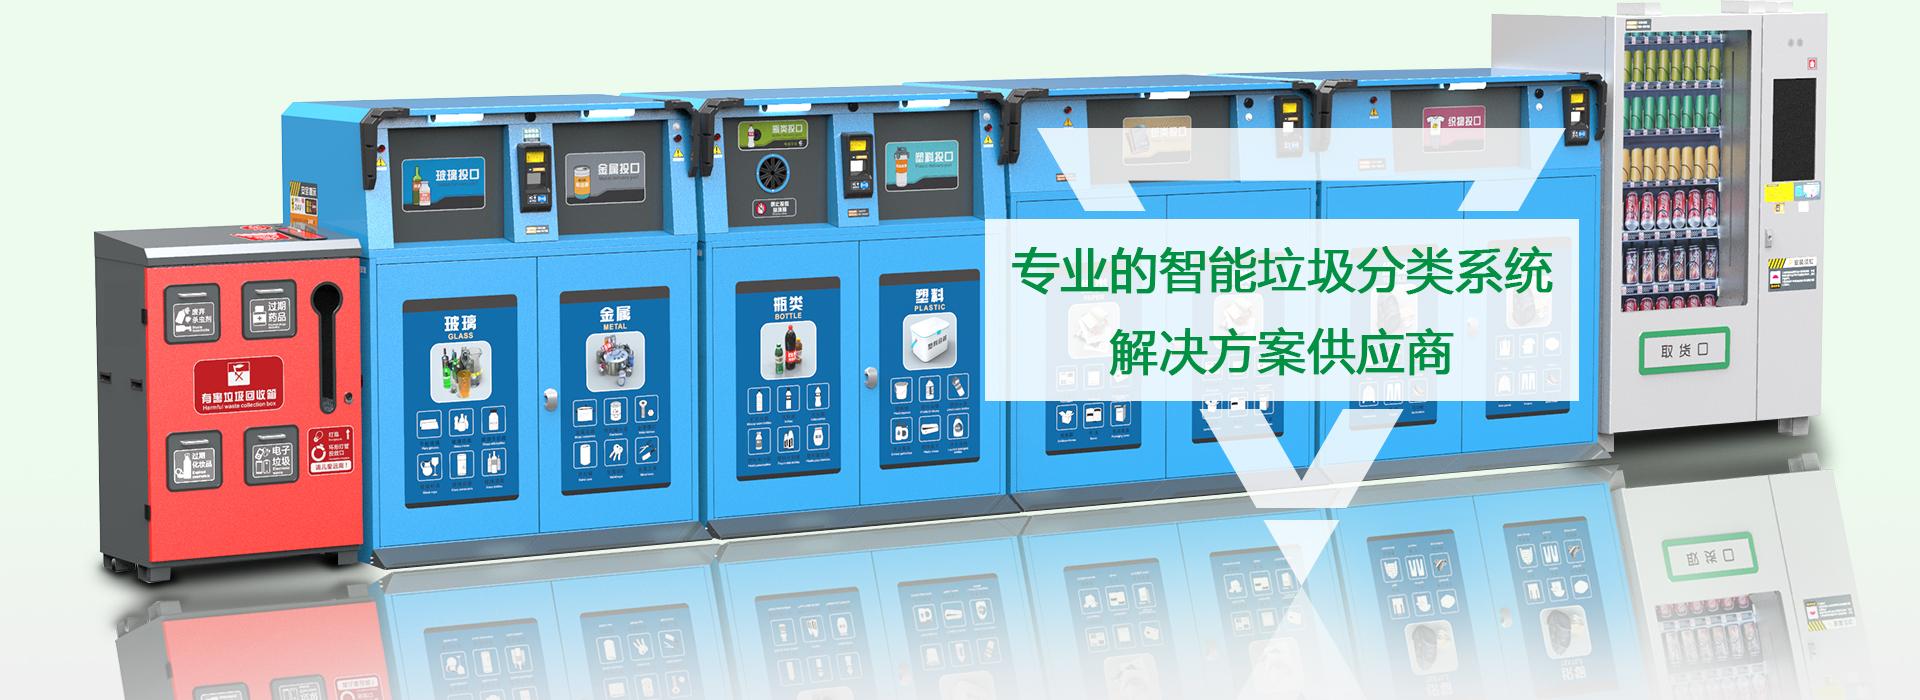 深圳承轩浩业科技发展有限公司